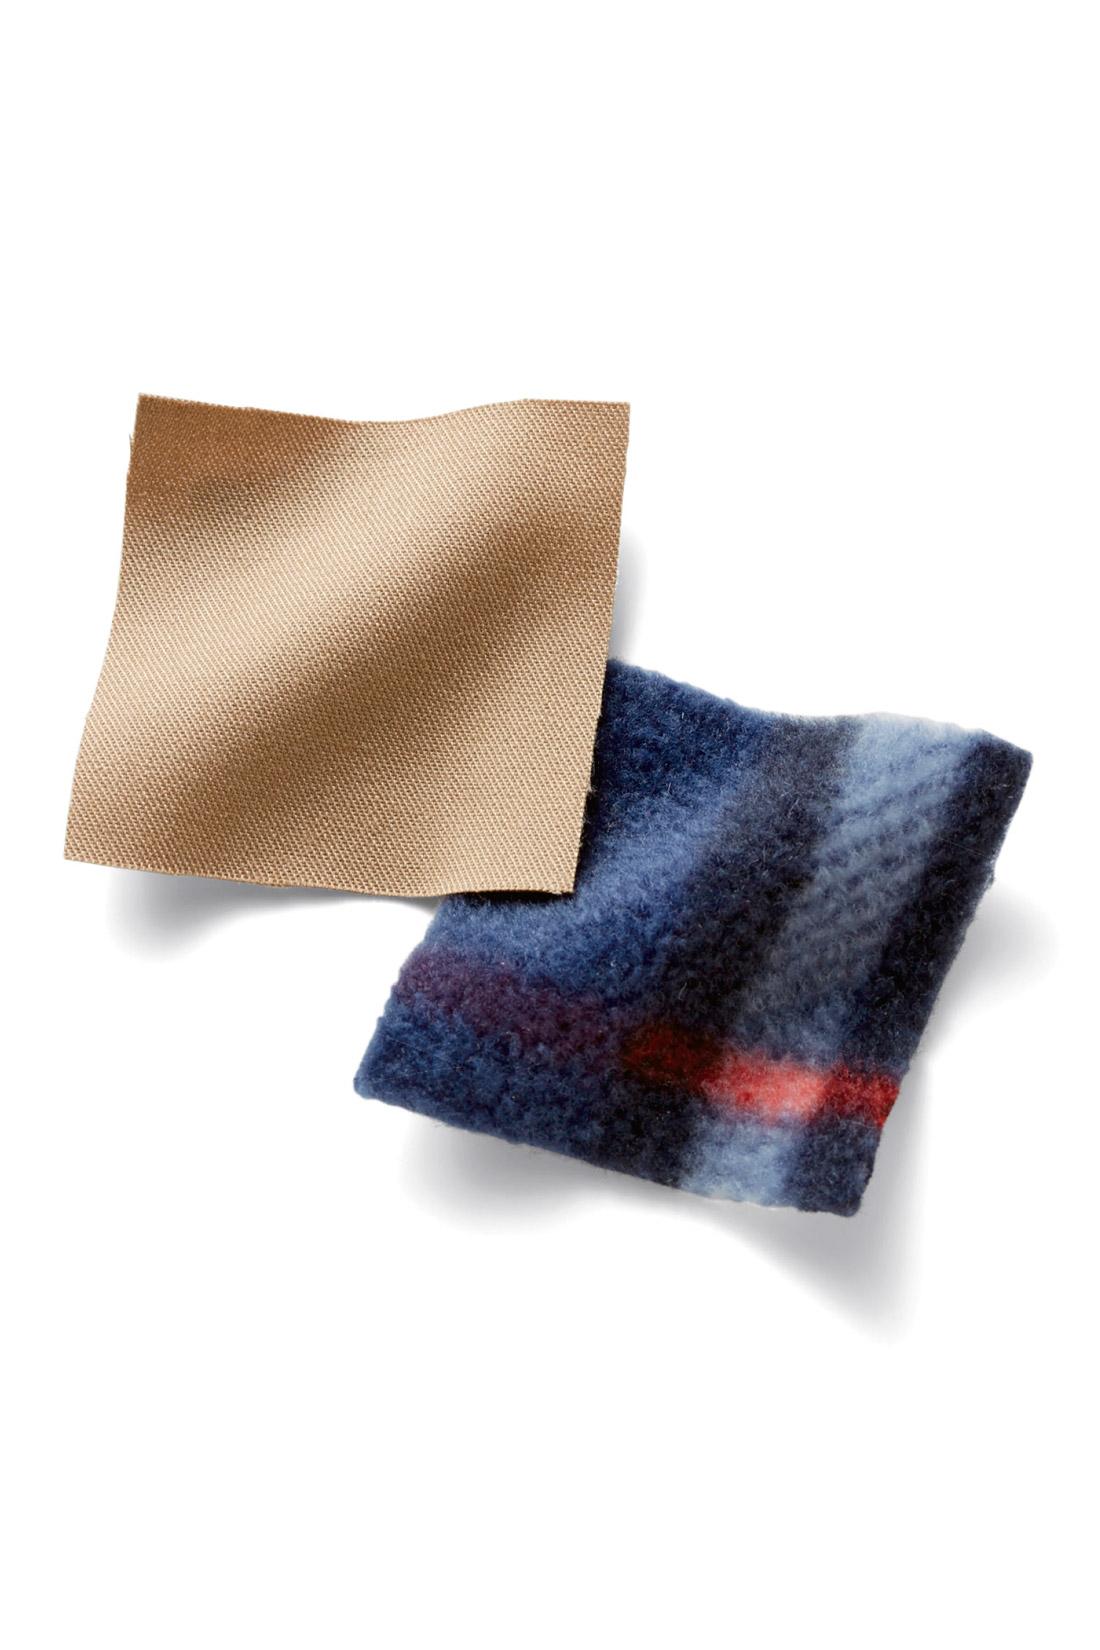 ボディーラインがひびきにくいハリのあるコットン素材で、キレイなシルエットを出しました。身ごろと袖裏は、やわらかなフリースを裏打ち。袖の裏地はすべりのいい素材。インにいろいろ重ねても着ぶくれ感がなく、秋いちばんにもぴったりの軽やかさ。 ※お届けするカラーとは異なります。